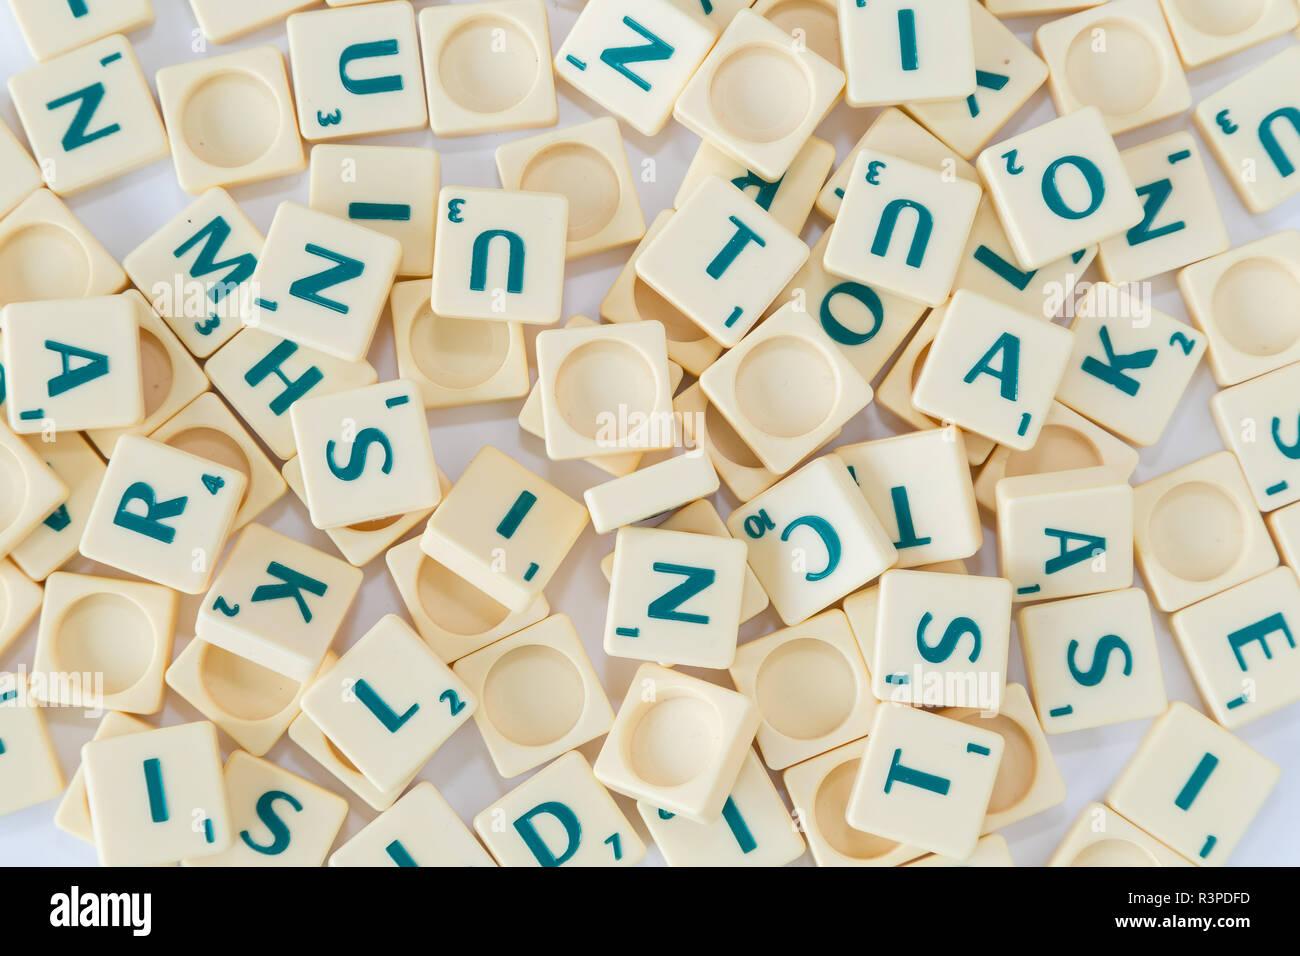 Pila di casuale gioco SCRABBLE lettera di piastrelle con valore di punteggio mescolato su sfondo, visto dall'alto. Foto Stock